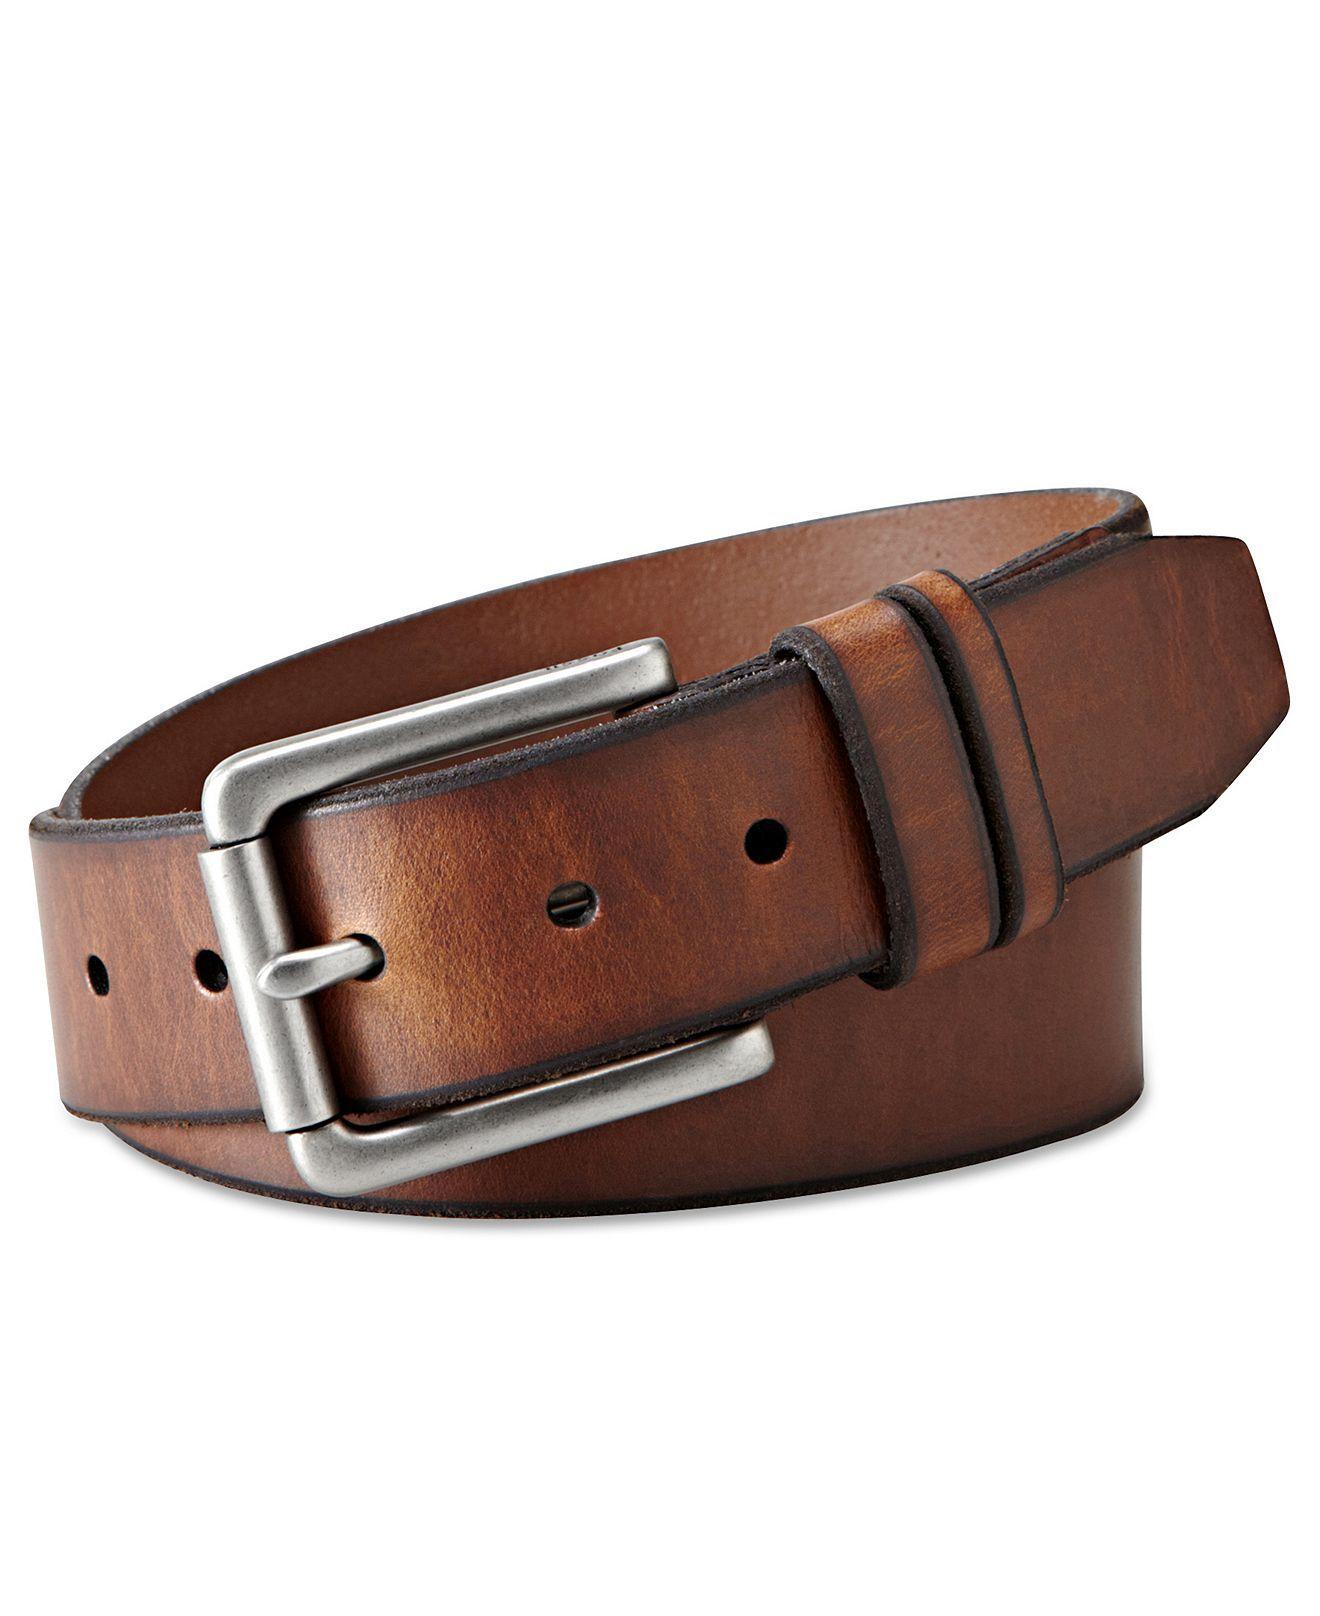 Cintur/ón de Cuero Hombre Marca find